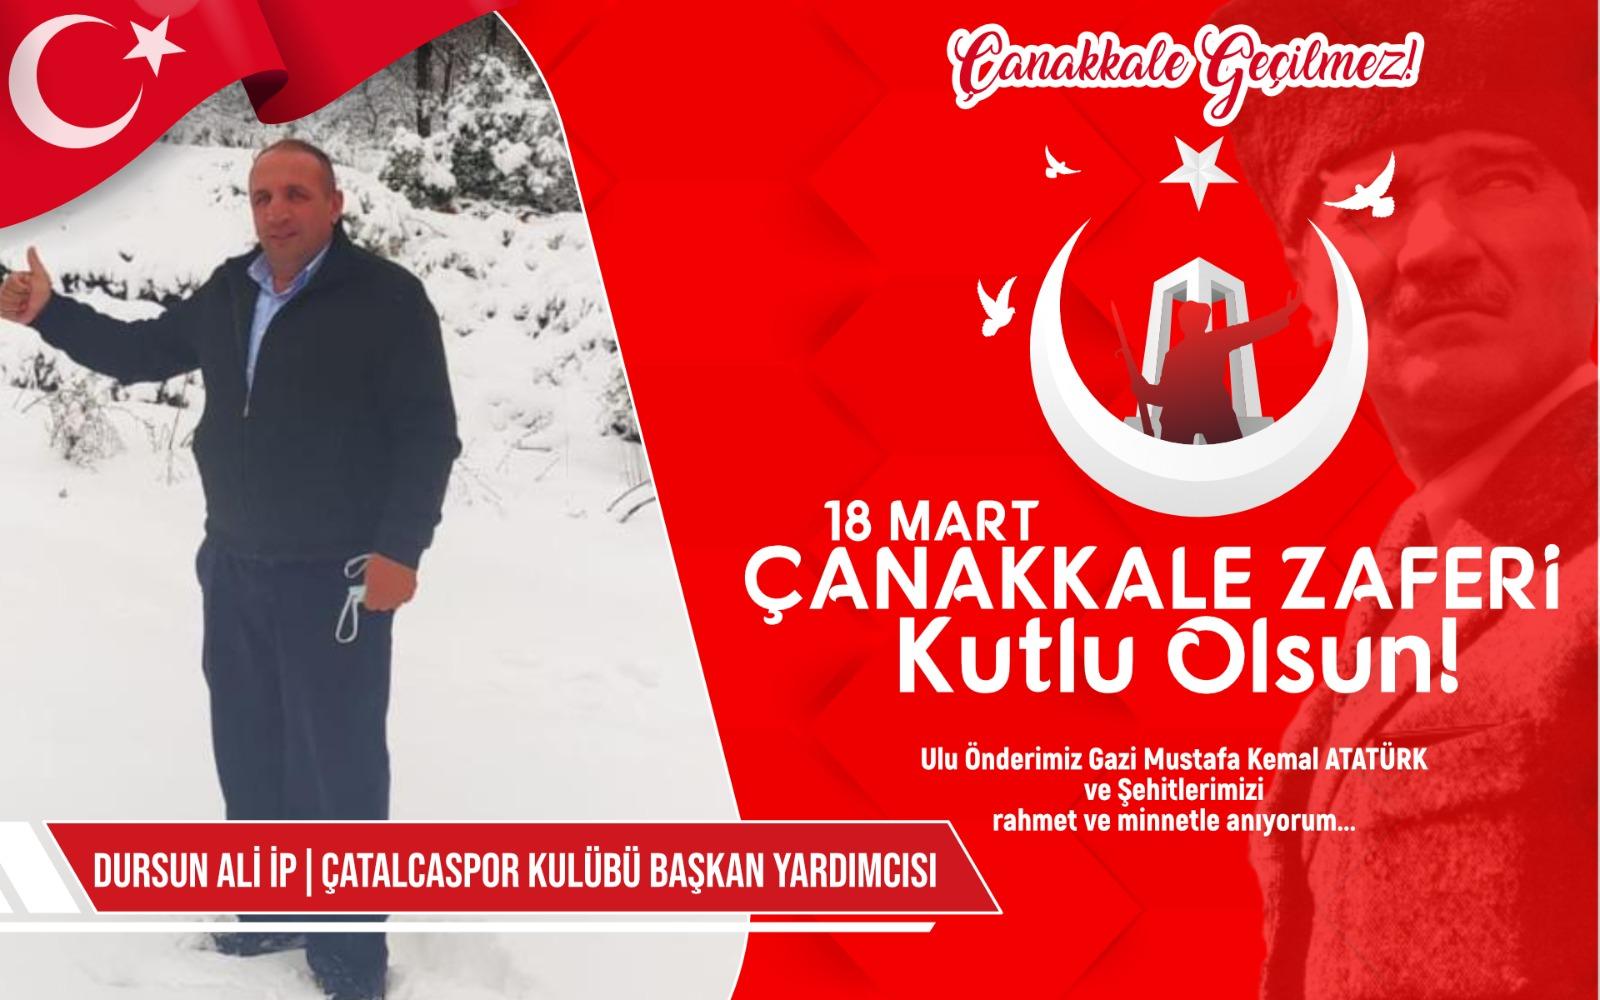 Çatalcaspor Başkan yardımcısı Dursun Ali İp'ten Kutlama ve Anma mesajı